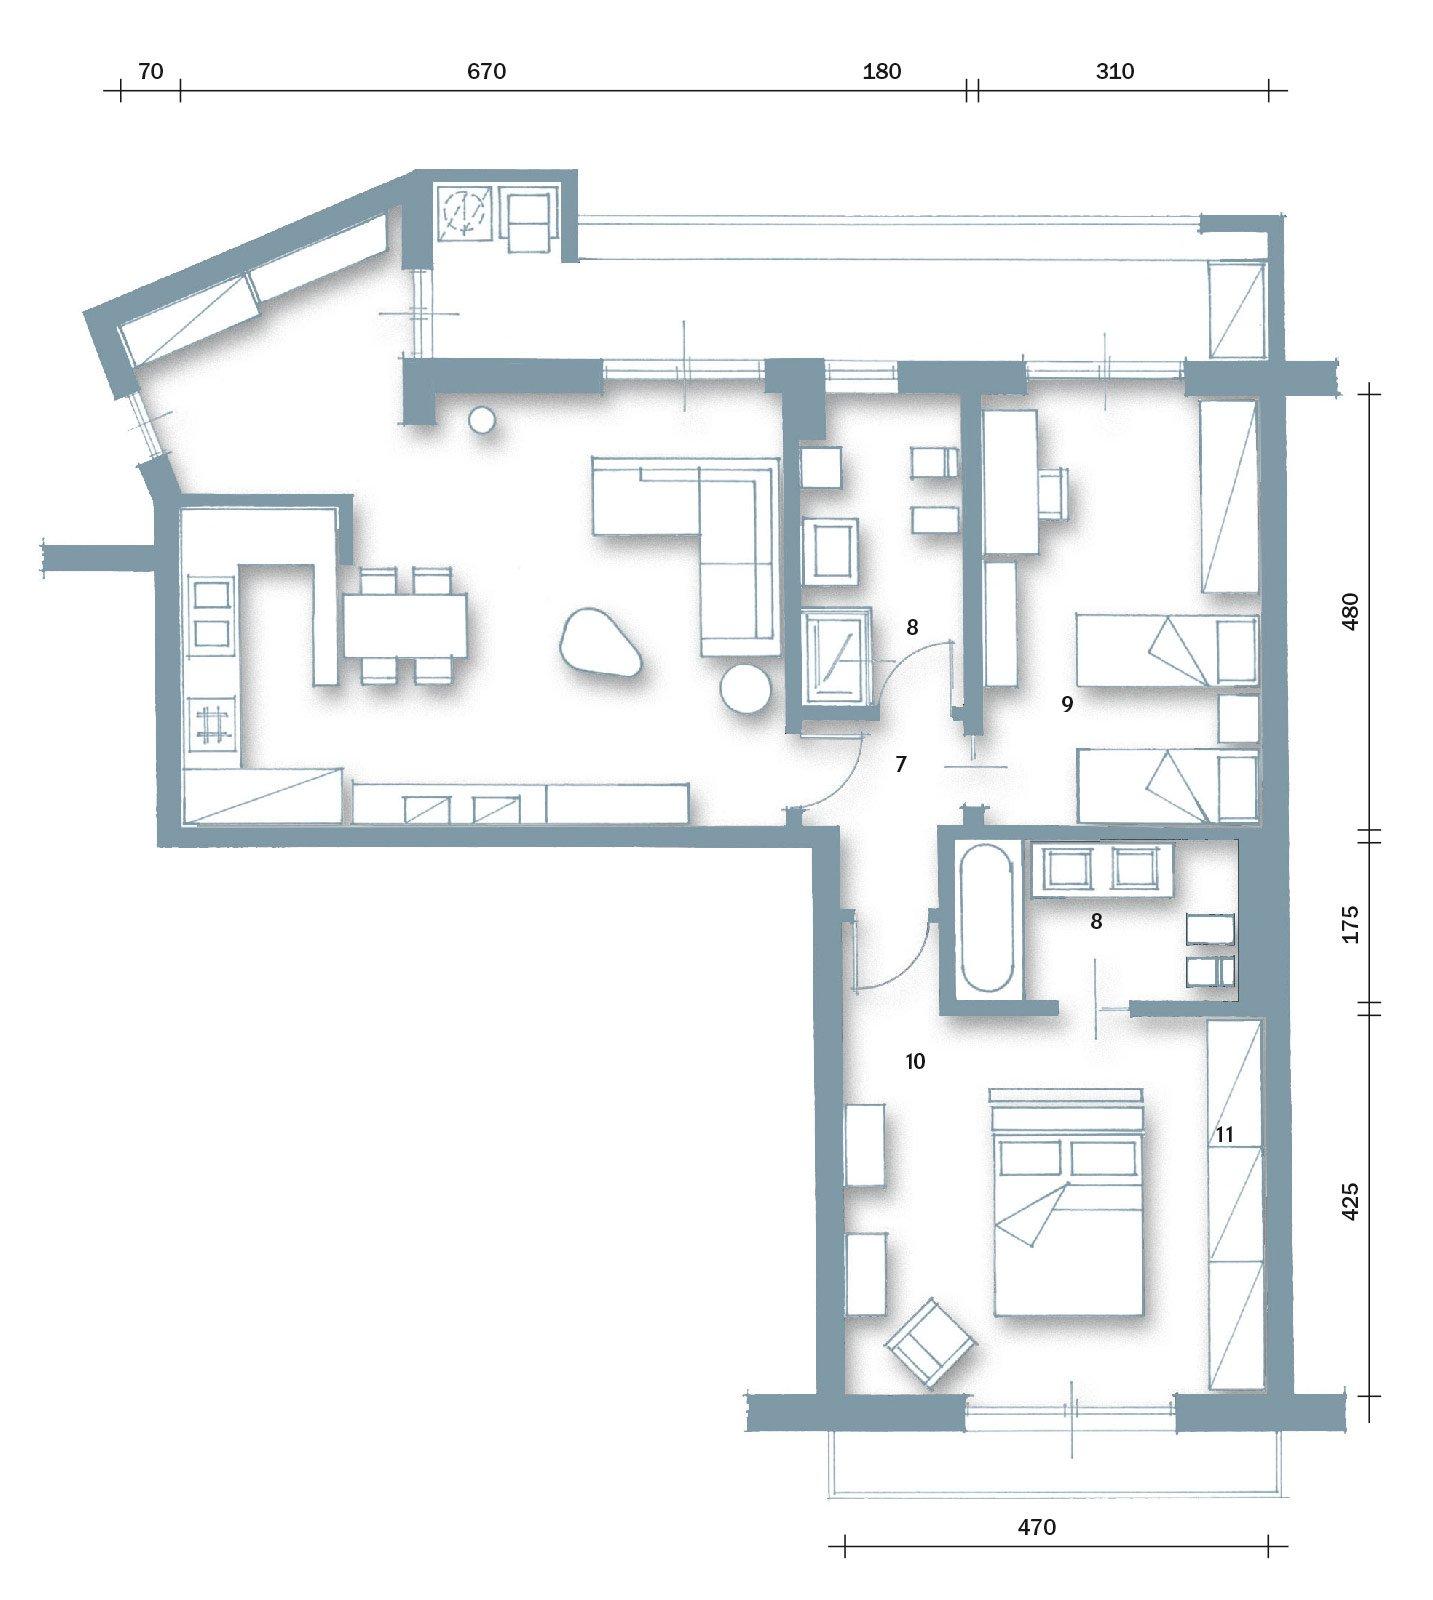 85 mq una casa per una famiglia giovane cose di casa for Planimetrie della casa senza garage